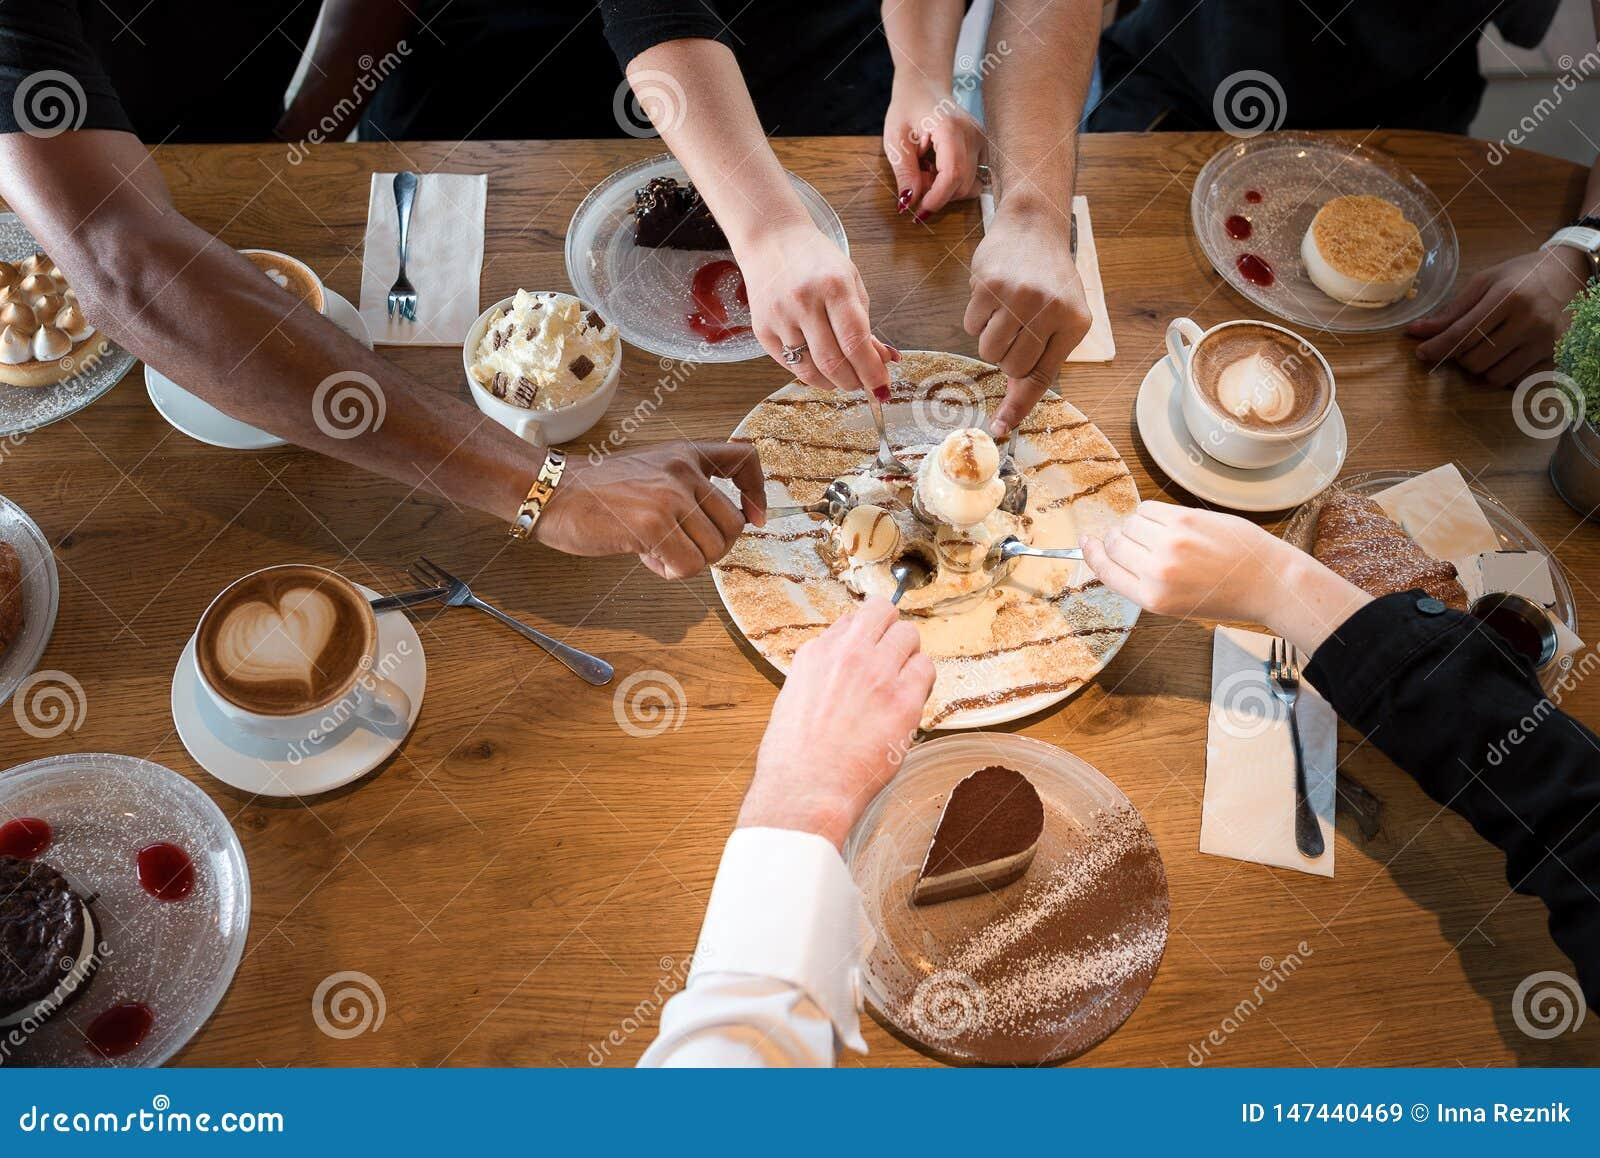 Zbli?enie multiracial r?ki z deserami i fili?ankami w kawiarni